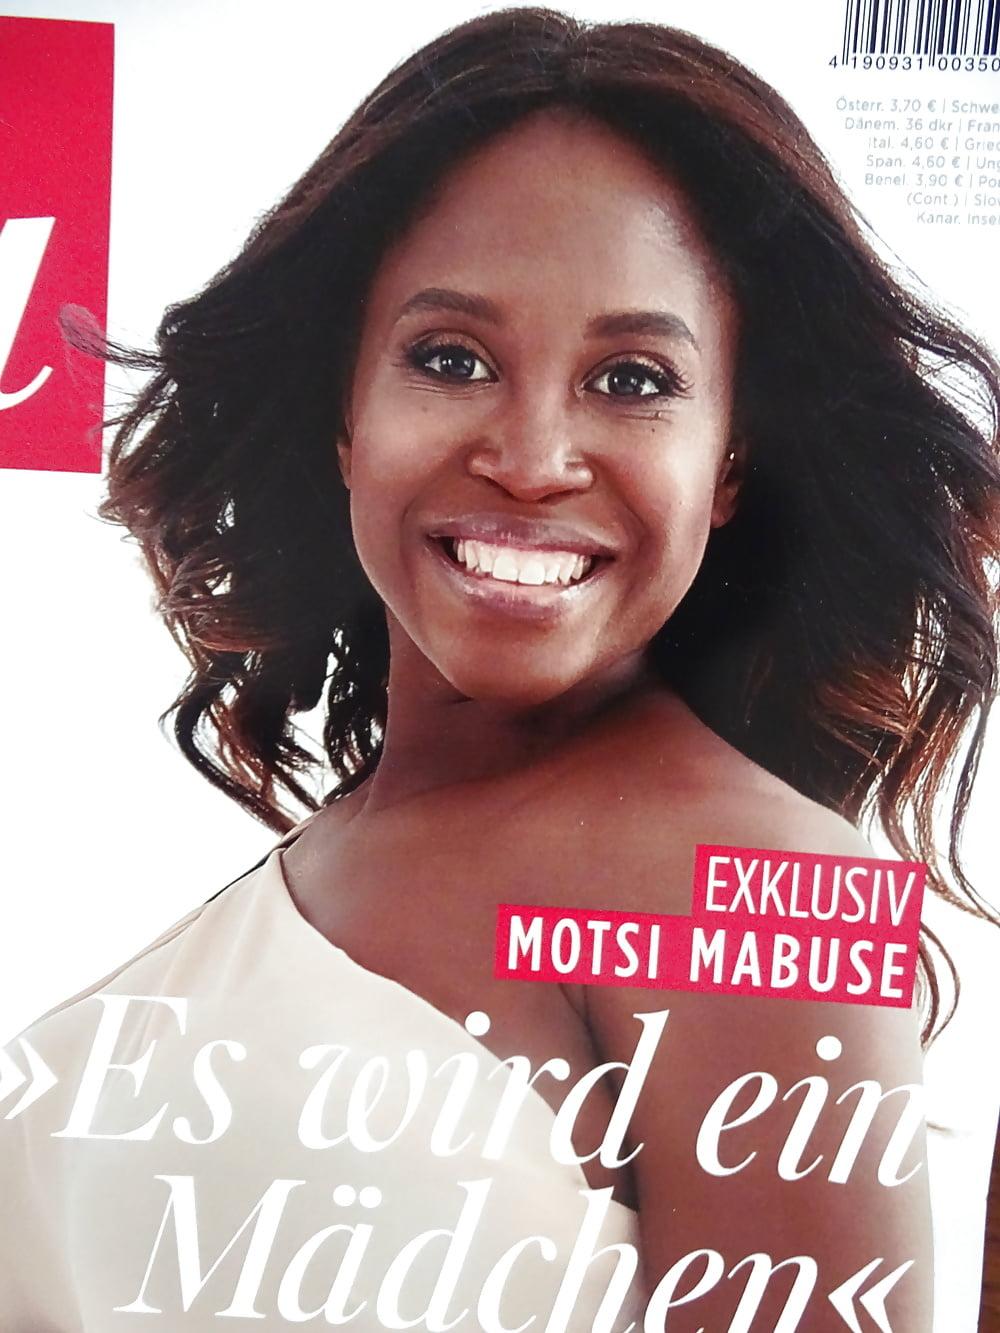 Mabuse nackt motsie Strictly: Motsi